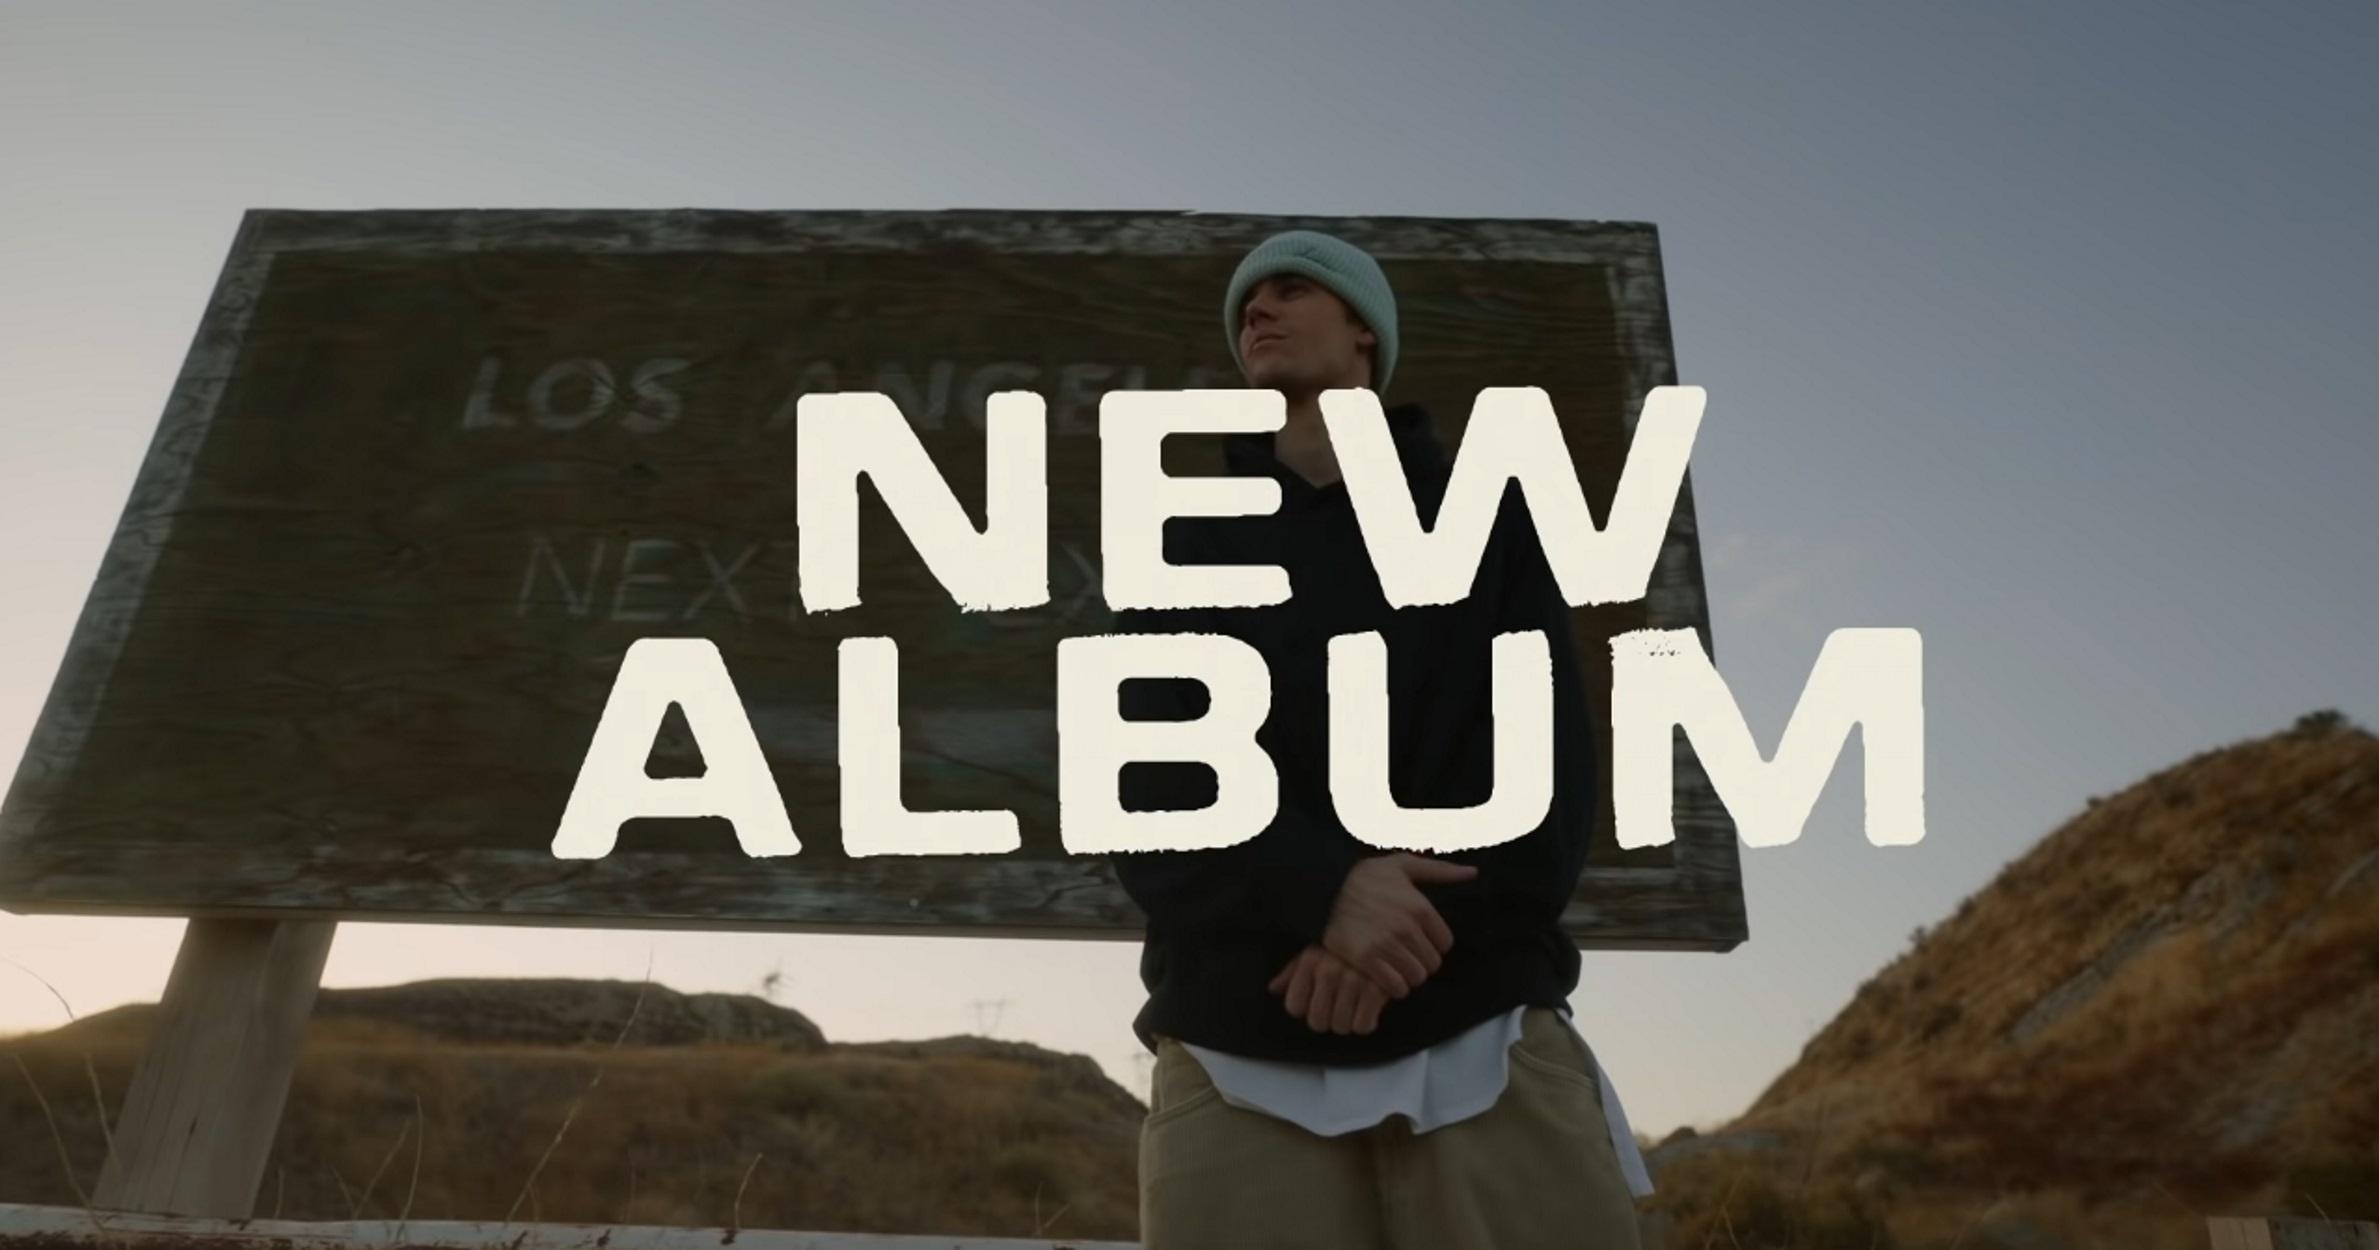 Τζάστιν Μπίμπερ: Νέο άλμπουμ και περιοδεία single το 2020